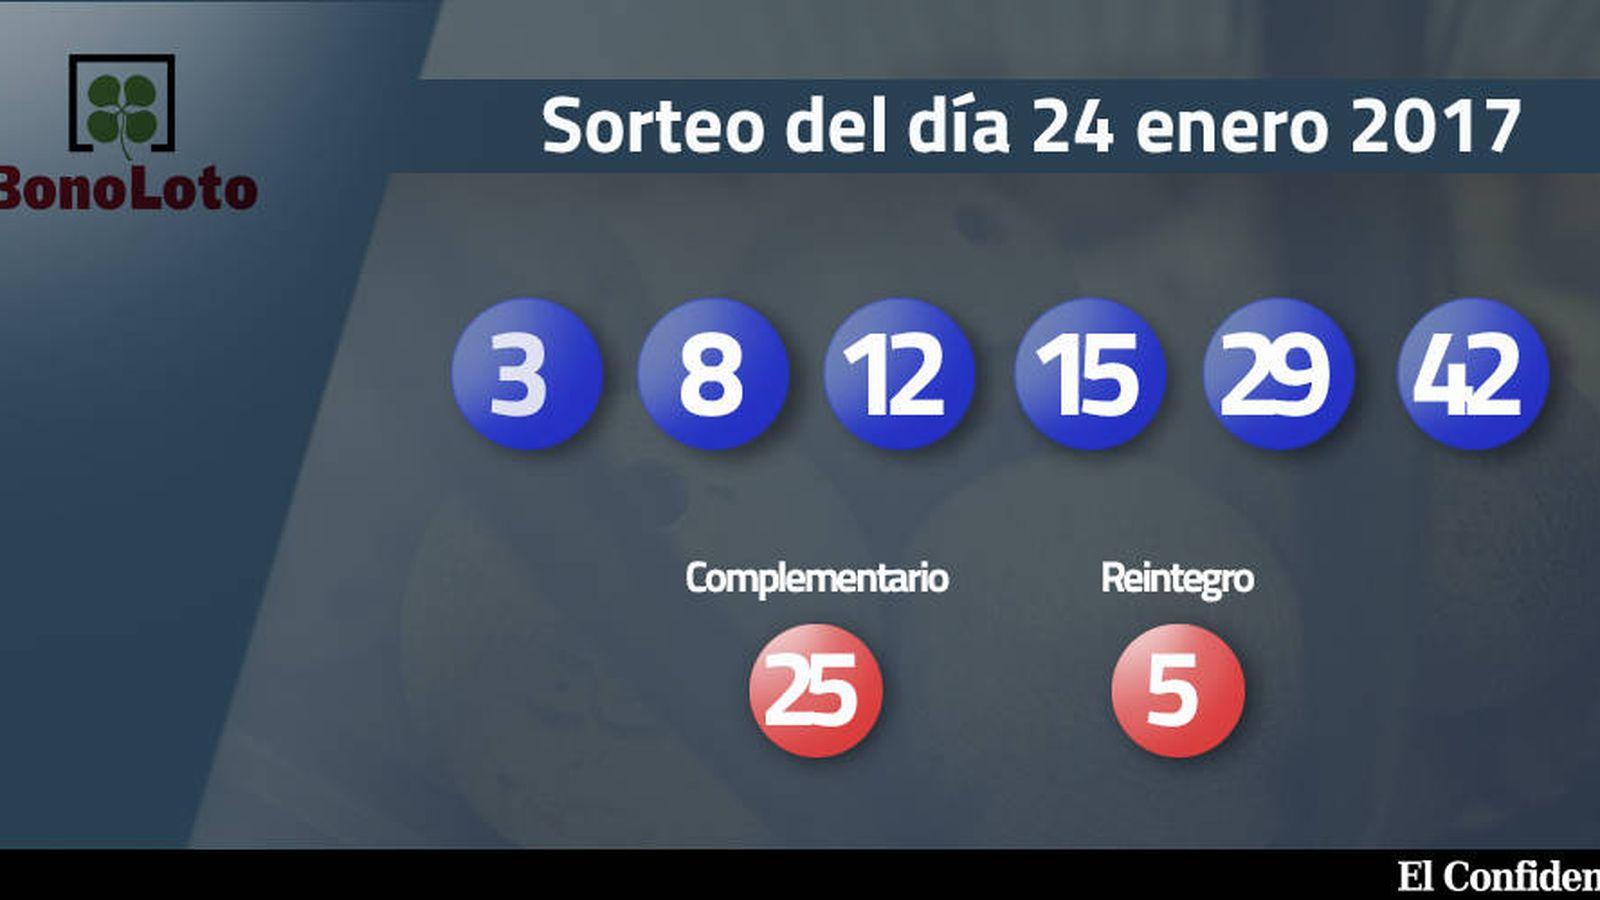 Resultados Del Sorteo De La Bonoloto Del 24 Enero 2017 Números 3 8 12 15 29 42